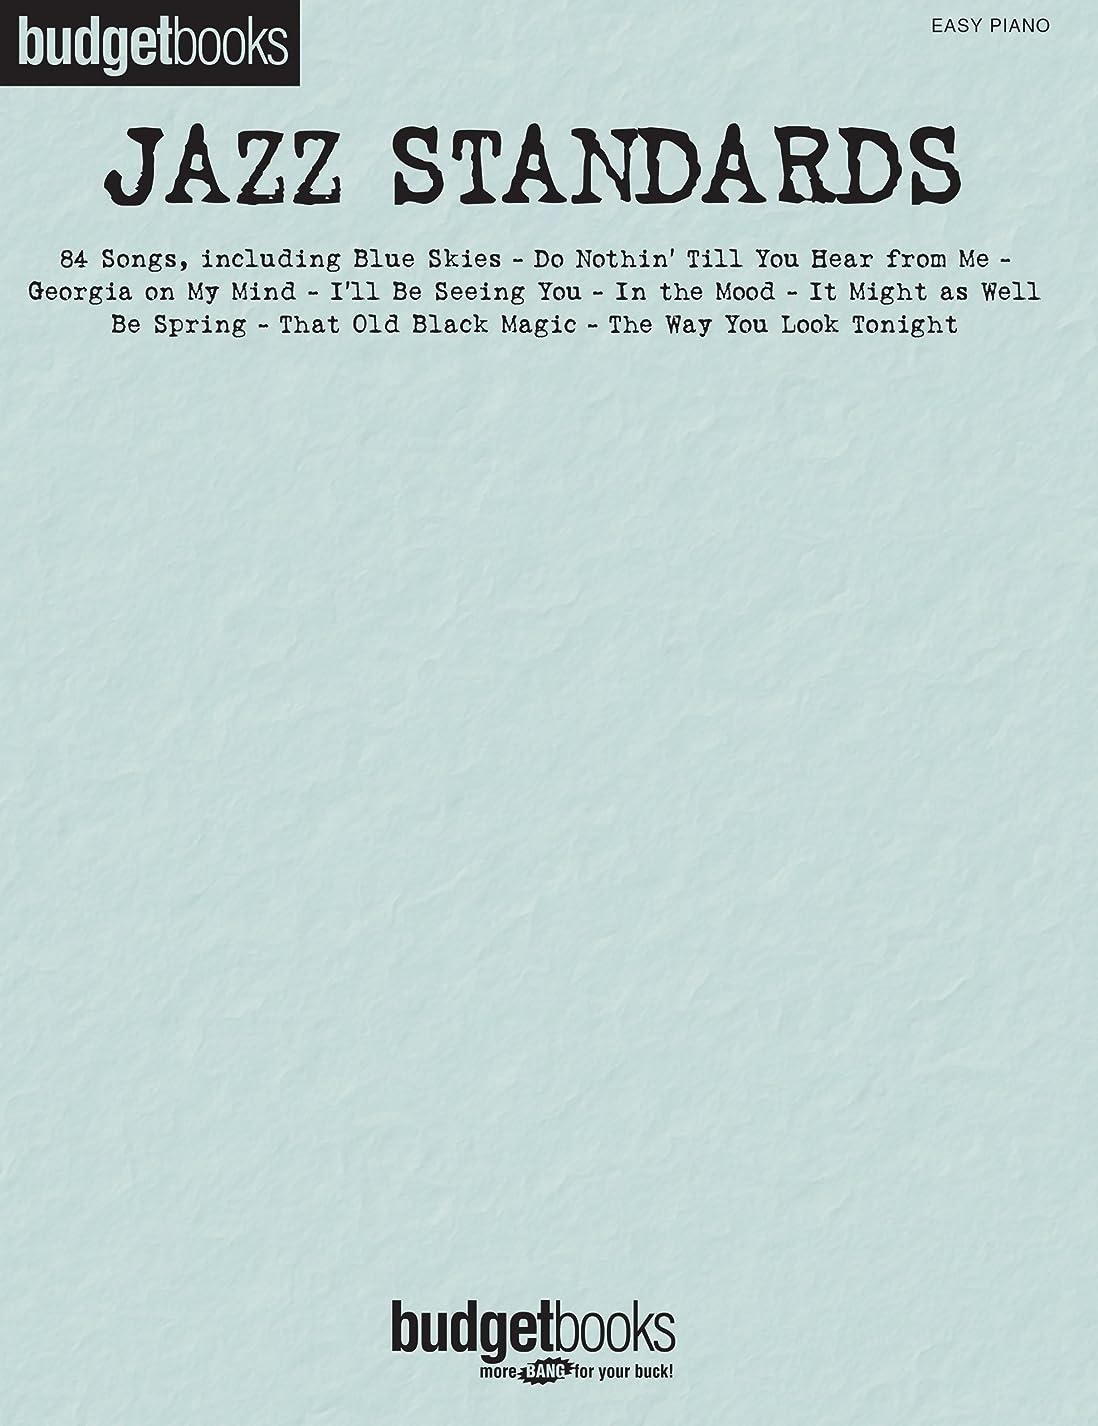 ジョグブルーム骨髄Jazz Standards: Easy Piano Budget Books (BudgetBooks) (English Edition)